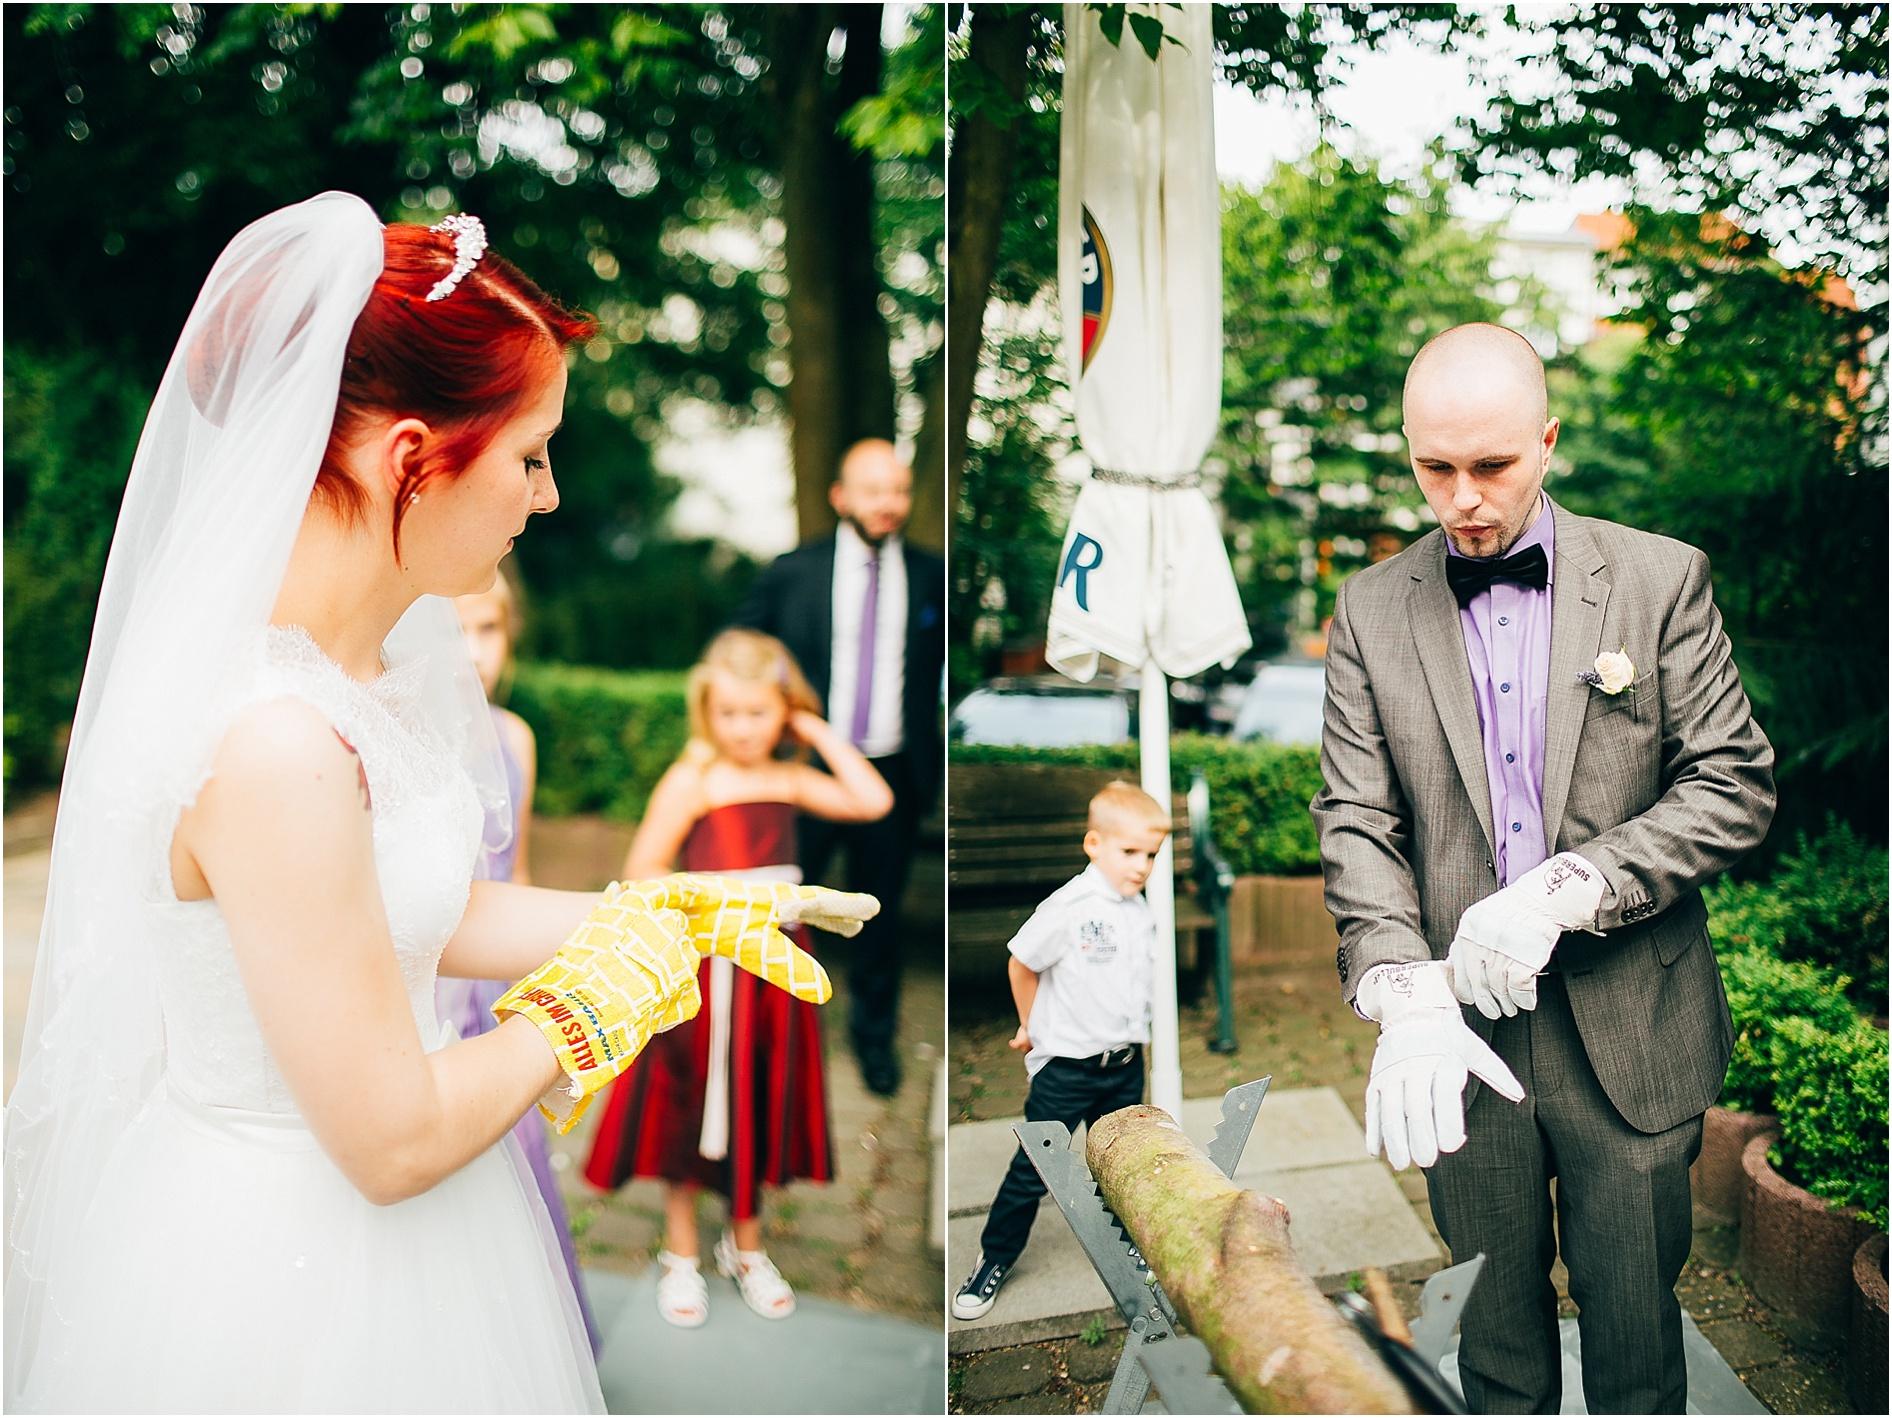 2014-07-22_0068 Sophie & Friedrich Hochzeit am Schweriner Schloss